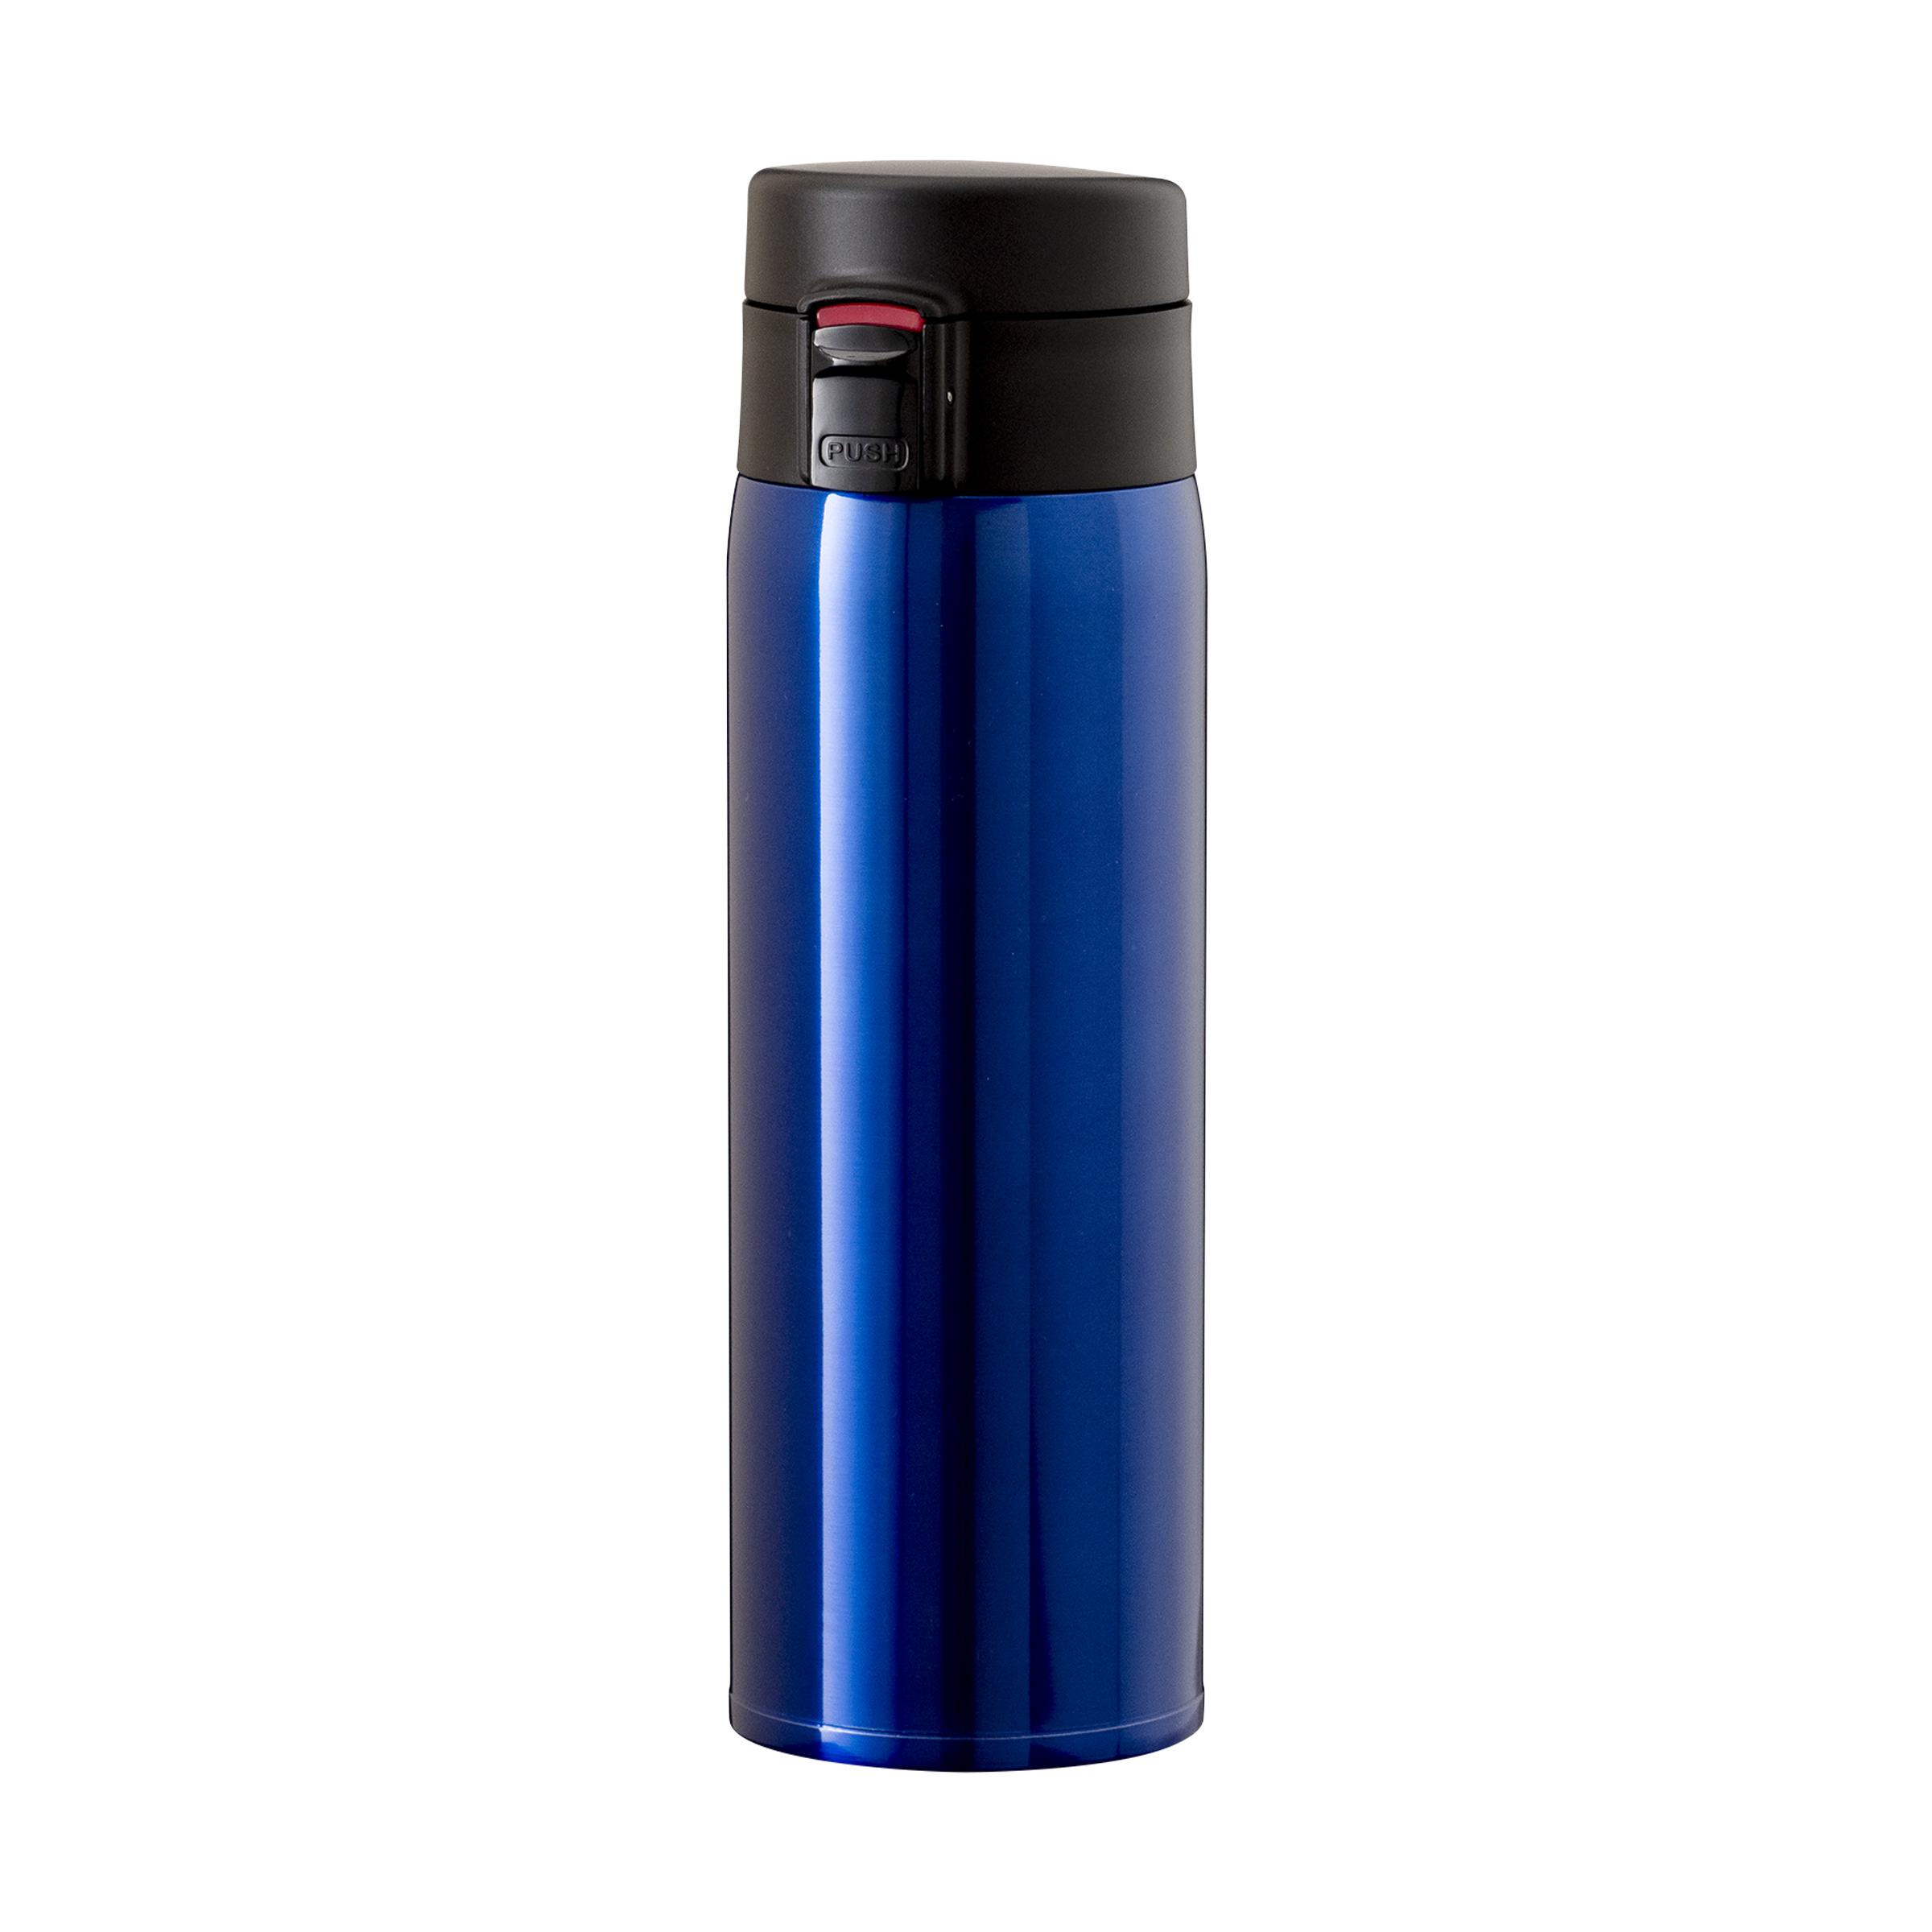 軽量ステンレスワンタッチボトル 680ml ブルー